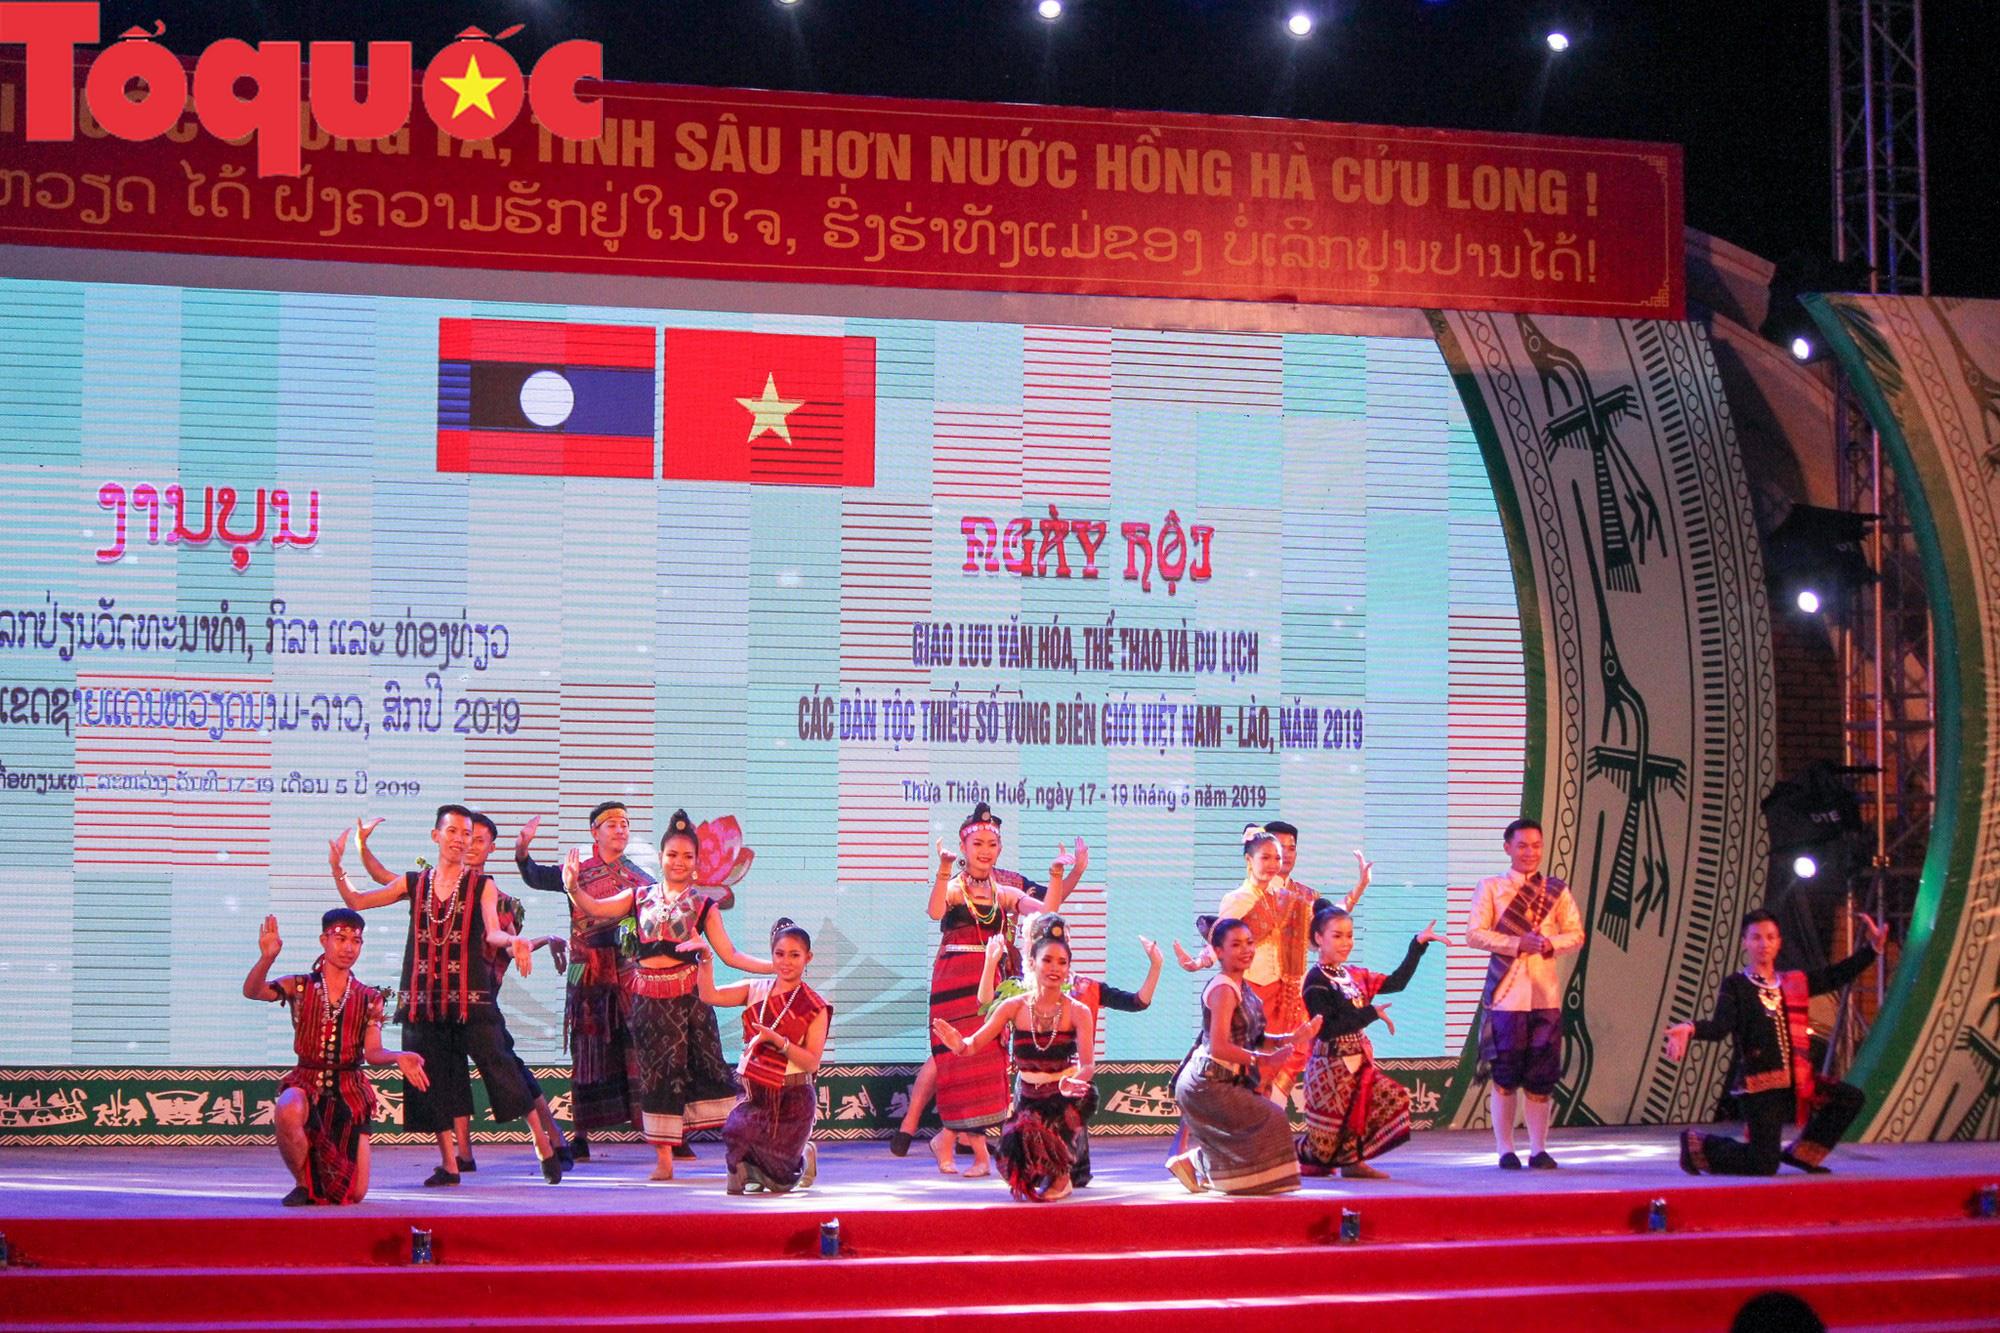 Khai mạc Ngày hội giao lưu văn hóa, thể thao, du lịch các dân tộc biên giới Việt Nam - Lào - Ảnh 4.